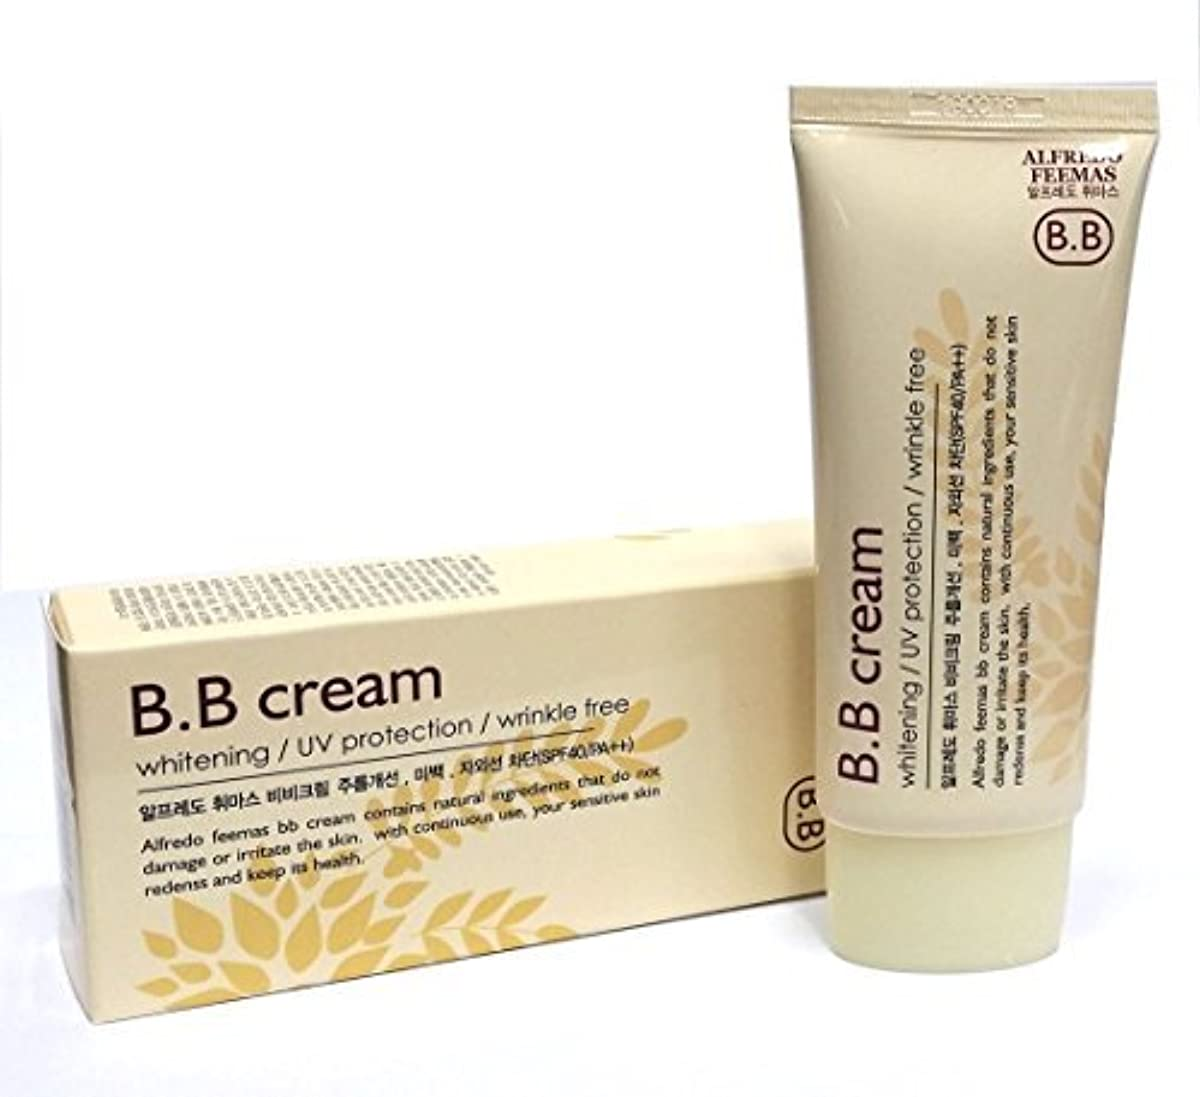 海外でページユーモラス[ALFREDO FEEMAS] シャイニングBBクリームホワイトニング日焼け止めSPF40 PA++ 50ml / 韓国化粧品 / Shining BB Cream Whitening Sunblock SPF40 PA++ 50ml / Korean Cosmetics [並行輸入品]